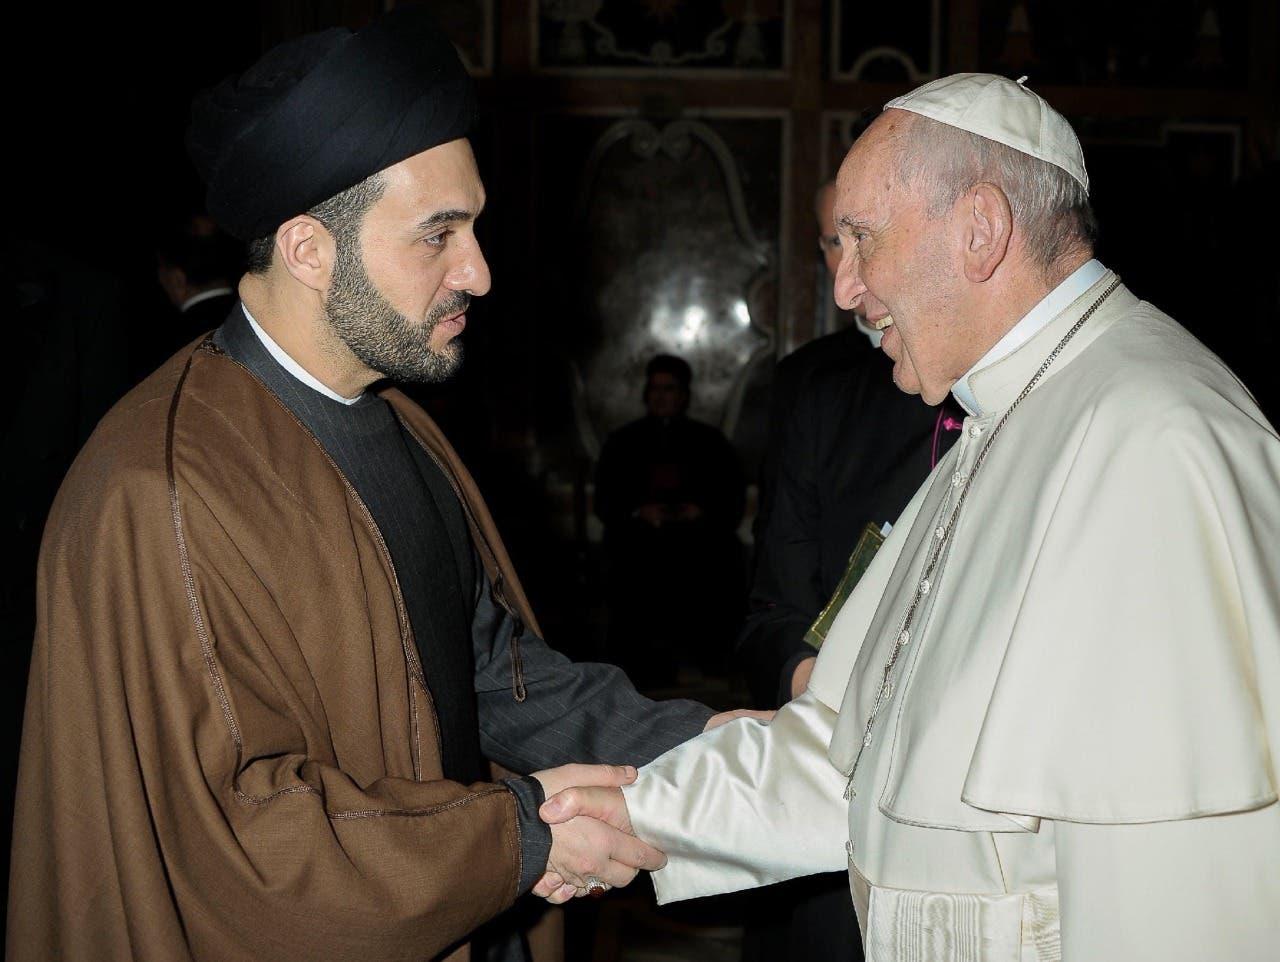 البابا فرنسيس مستقبلا السيد جواد الخوئي في الفاتيكان